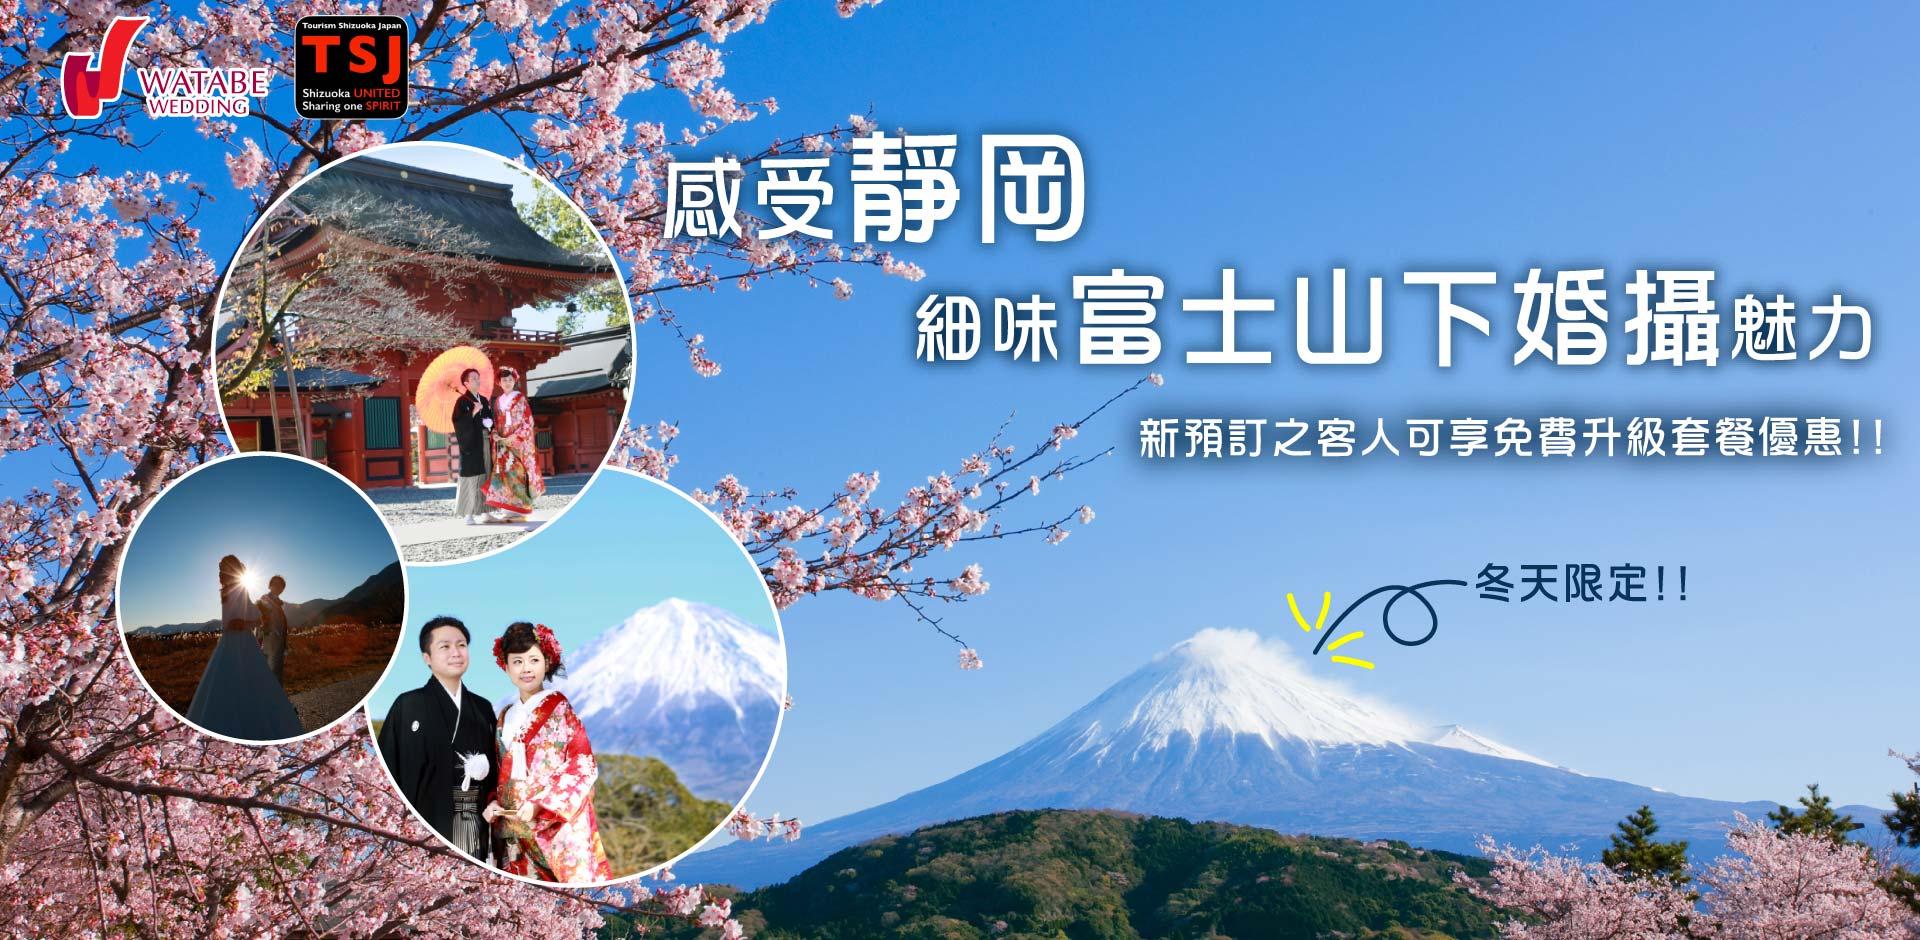 婚紗攝影,富士山婚紗相,富士山pre-wedding,watabe, 靜岡